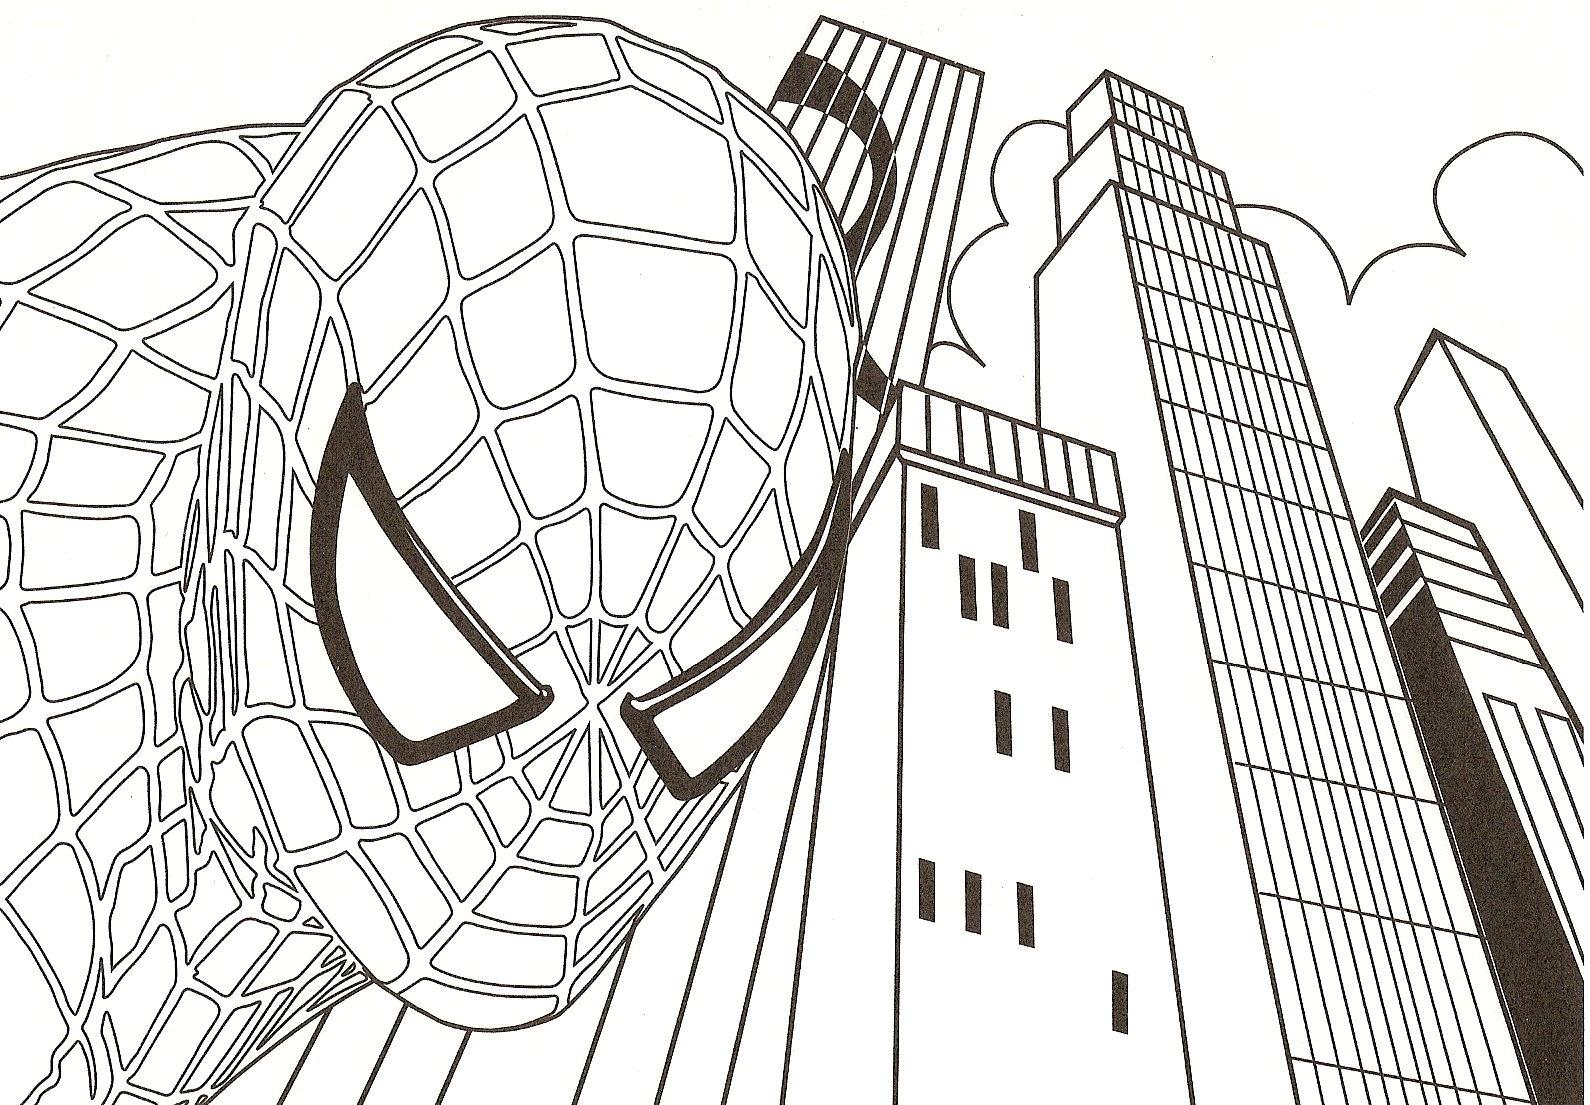 Gros plan sur Spiderman